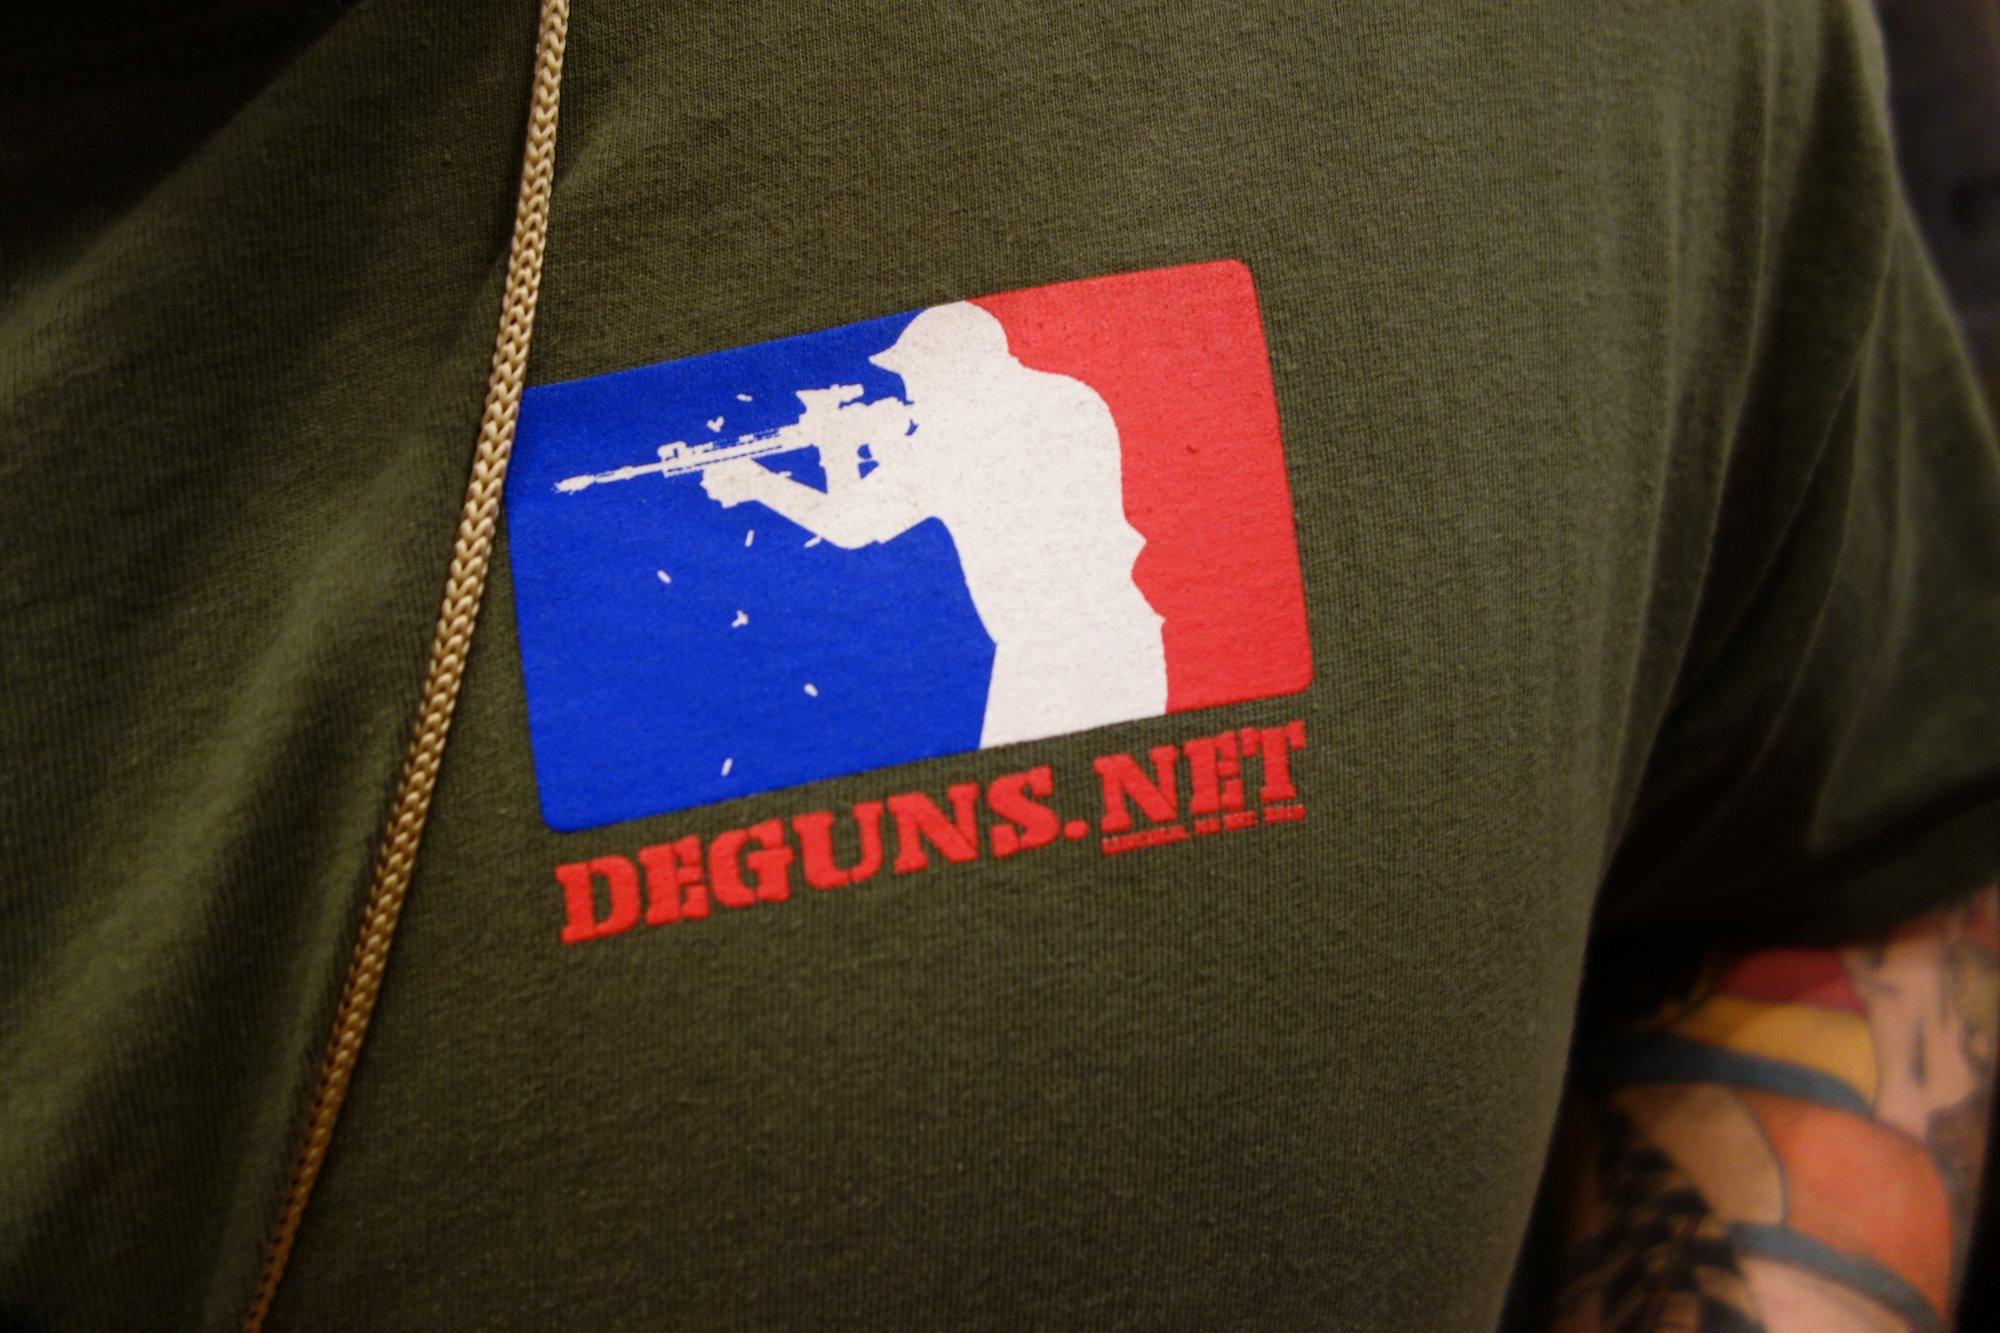 DEGUNS.net Discount Enterprises Guns Tactical Shooter Logo T Shirt SHOT Show 2013 David Crane DefenseReview.com DR 2 Cool T Shirt Alert: DEGUNS.net (Discount Enterprises Guns) Tactical Shooter Firing AR 15 Carbine Logo T Shirt